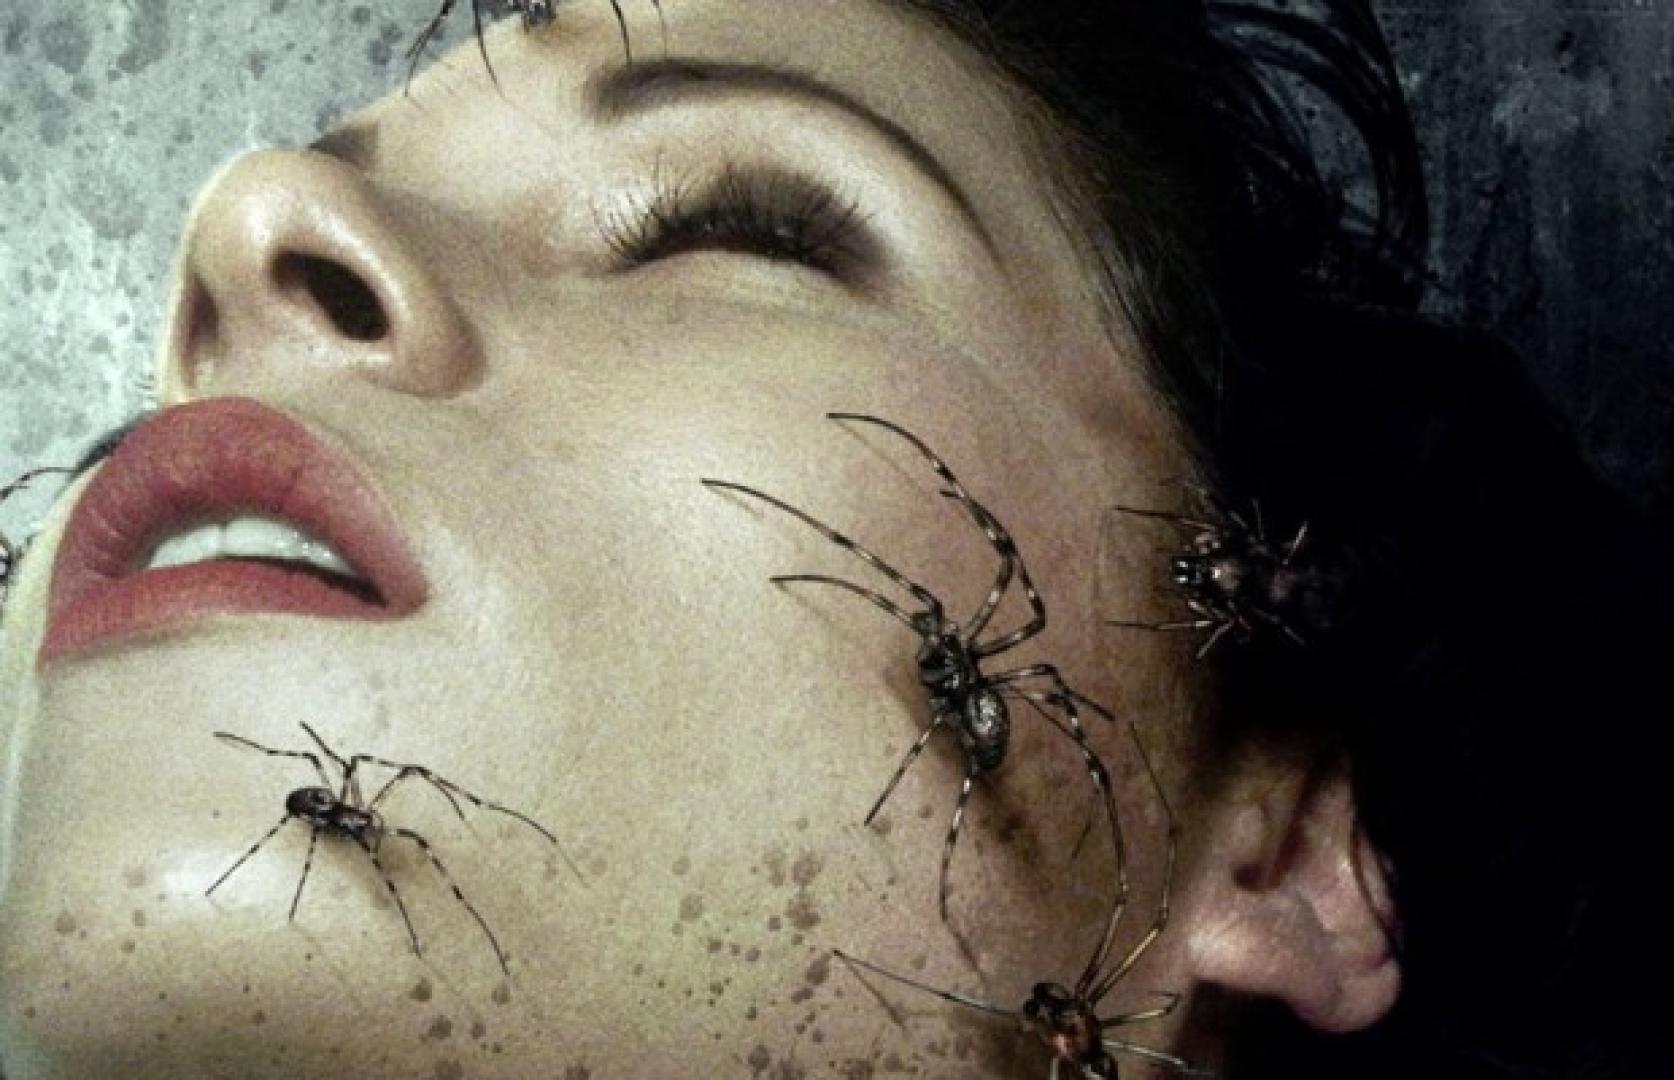 Bedlam - Itt a kezelés rémálommal ér fel